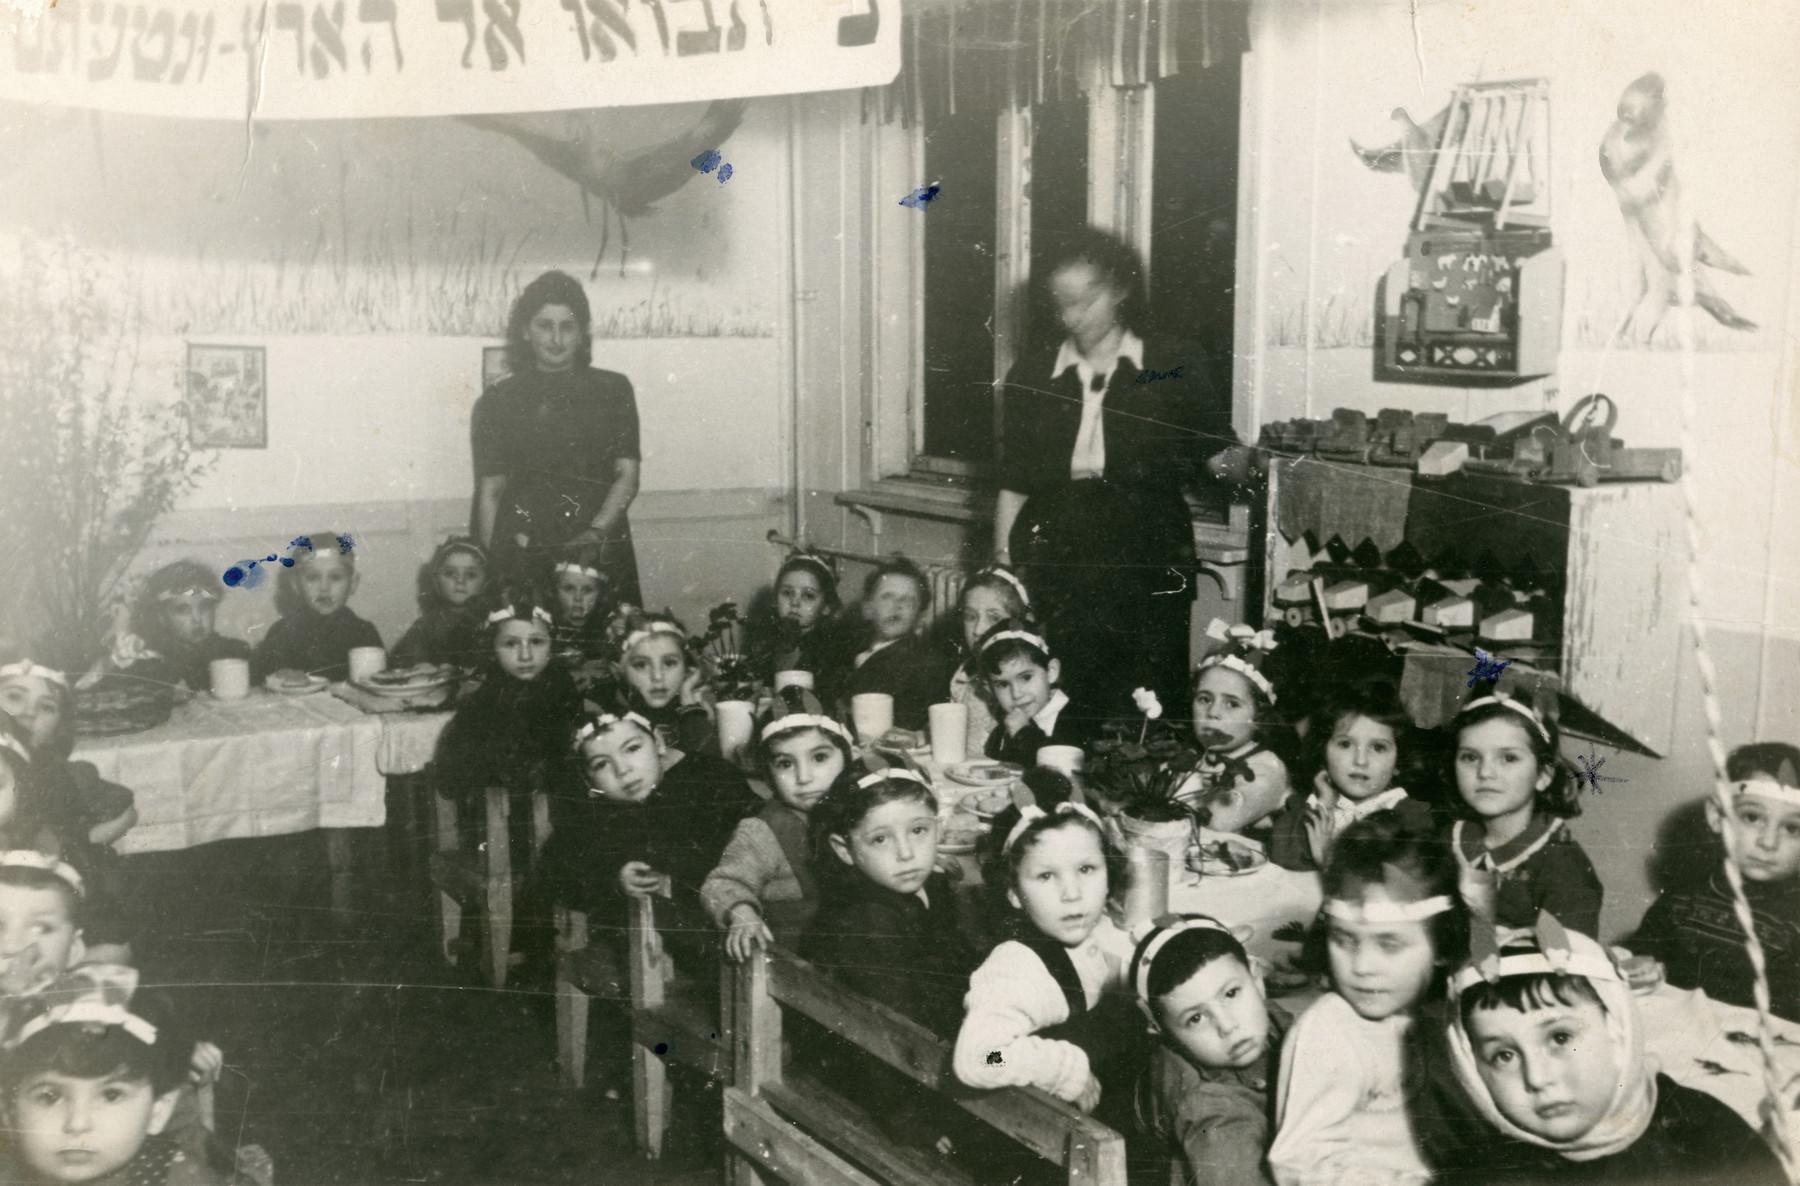 Kindergarten children celebrate Tu Bishvat in their class in the Schlachtensee displaced persons camp.